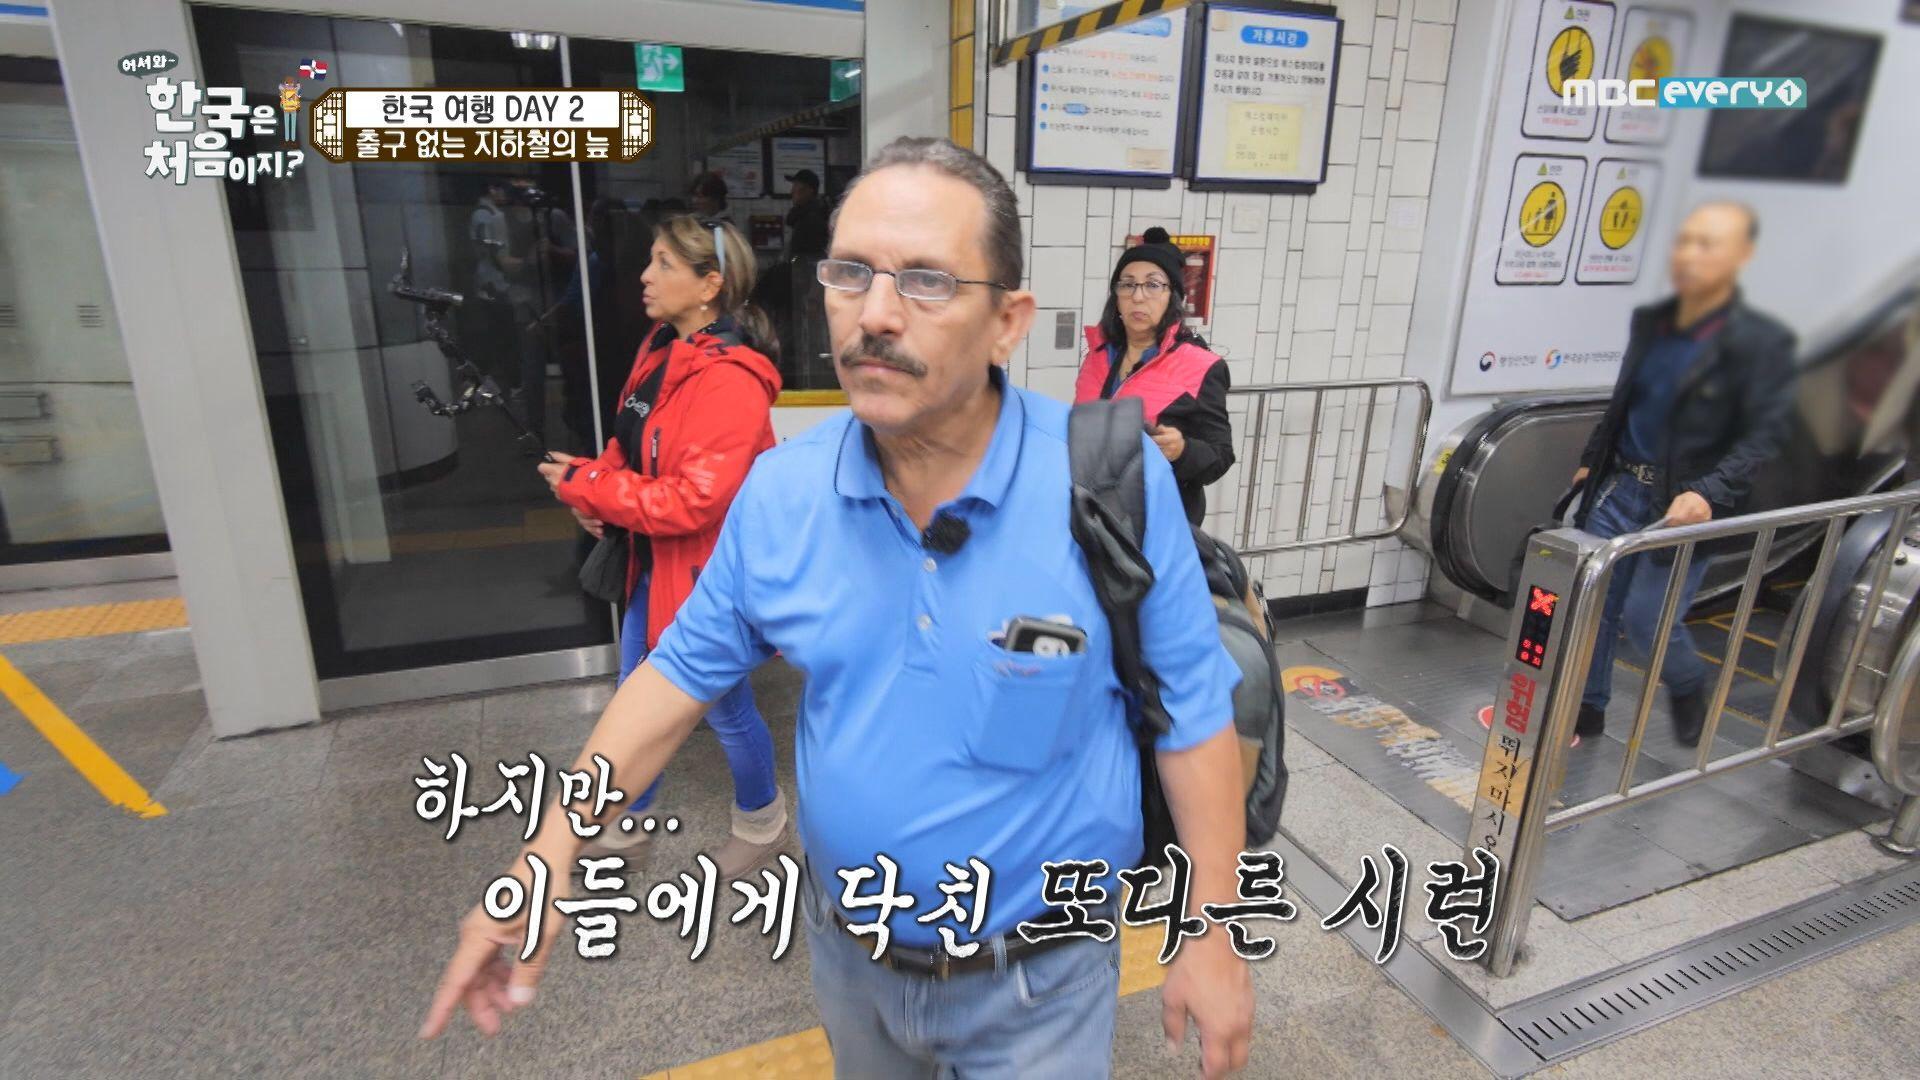 방 탈출 같은 한국 지하철의 늪.. : TV줌